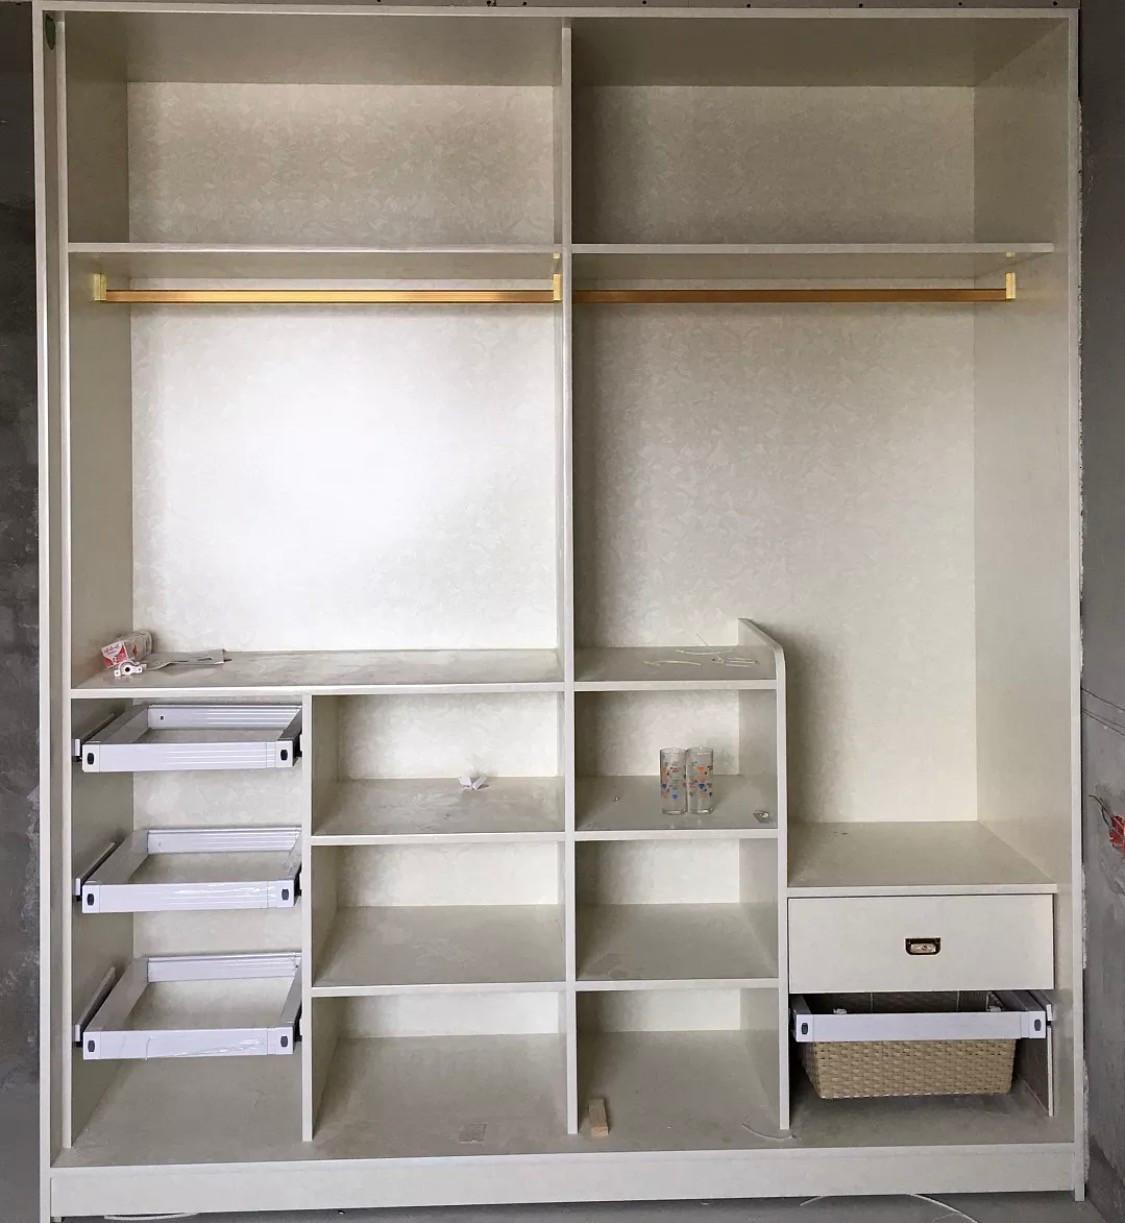 【家居】超全衣柜内部结构设计